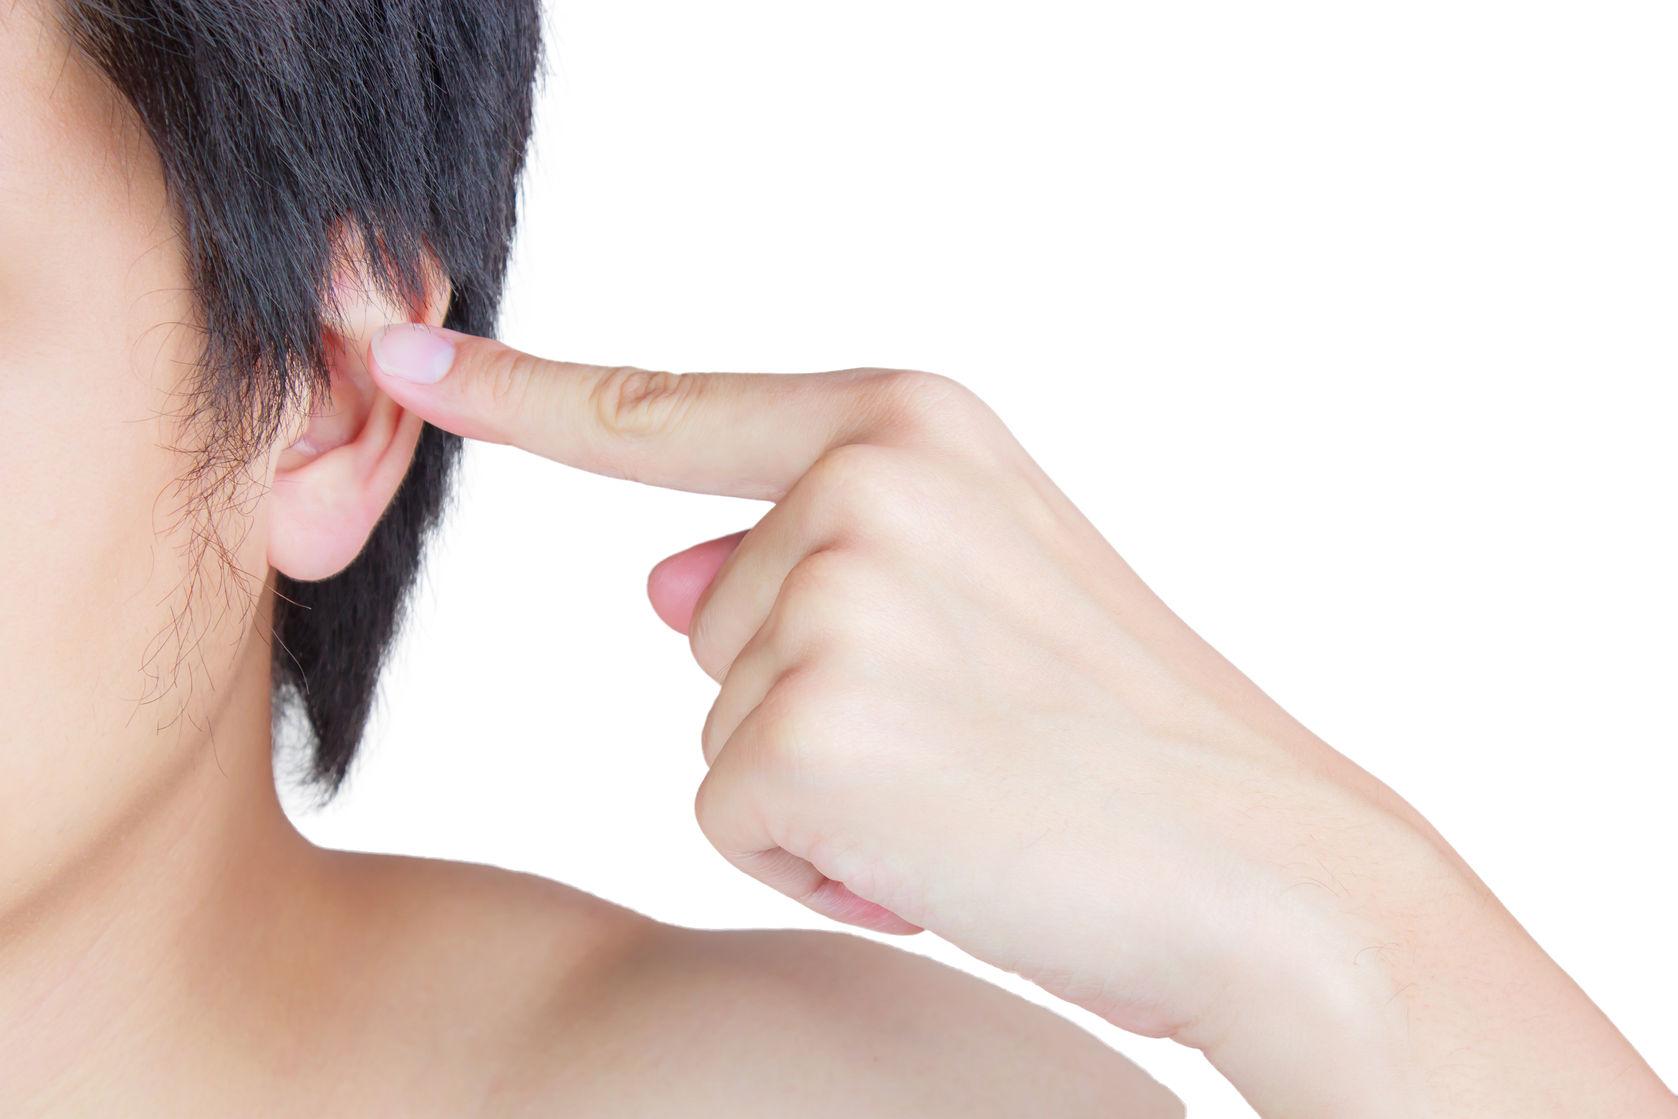 hogyan lehet megszabadulni a fül pikkelysömörétől pikkelysömör népi gyógymódok a fején